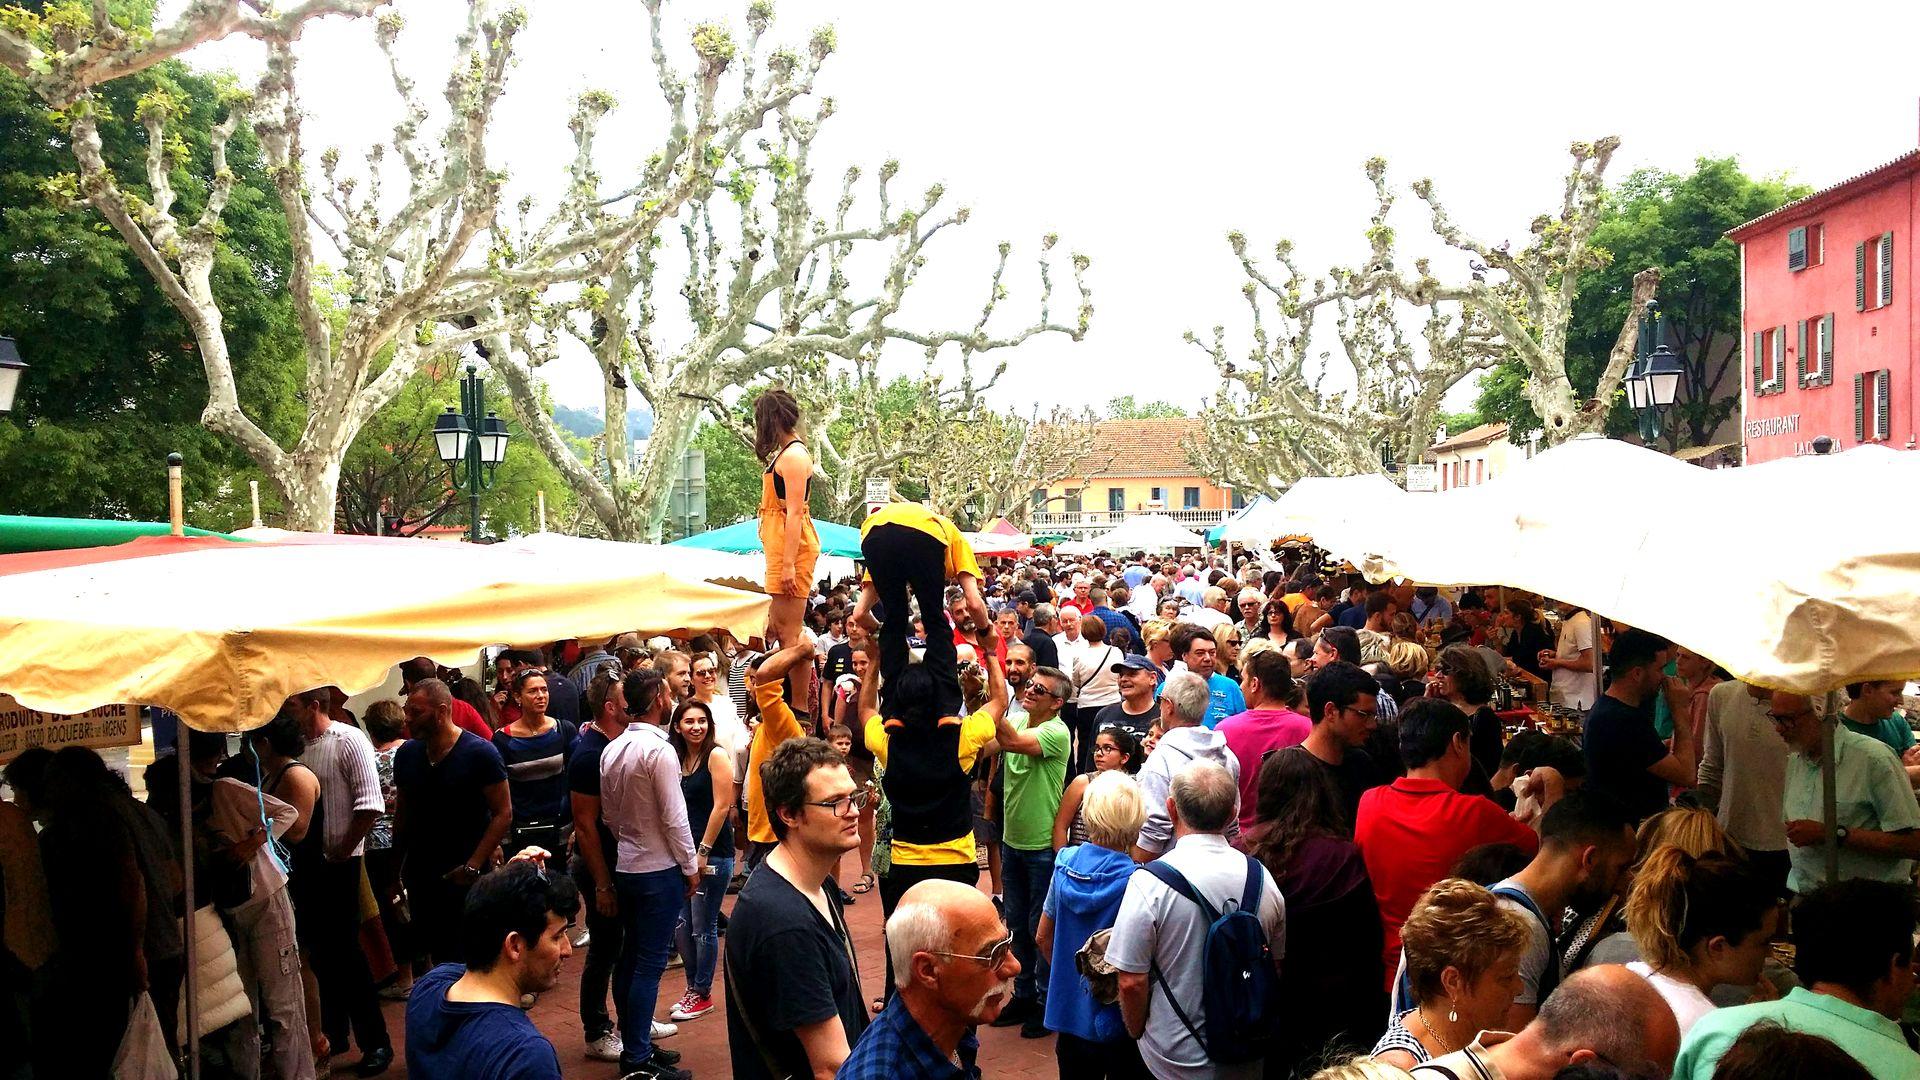 La Fête du Miel à Mouans-Sartoux